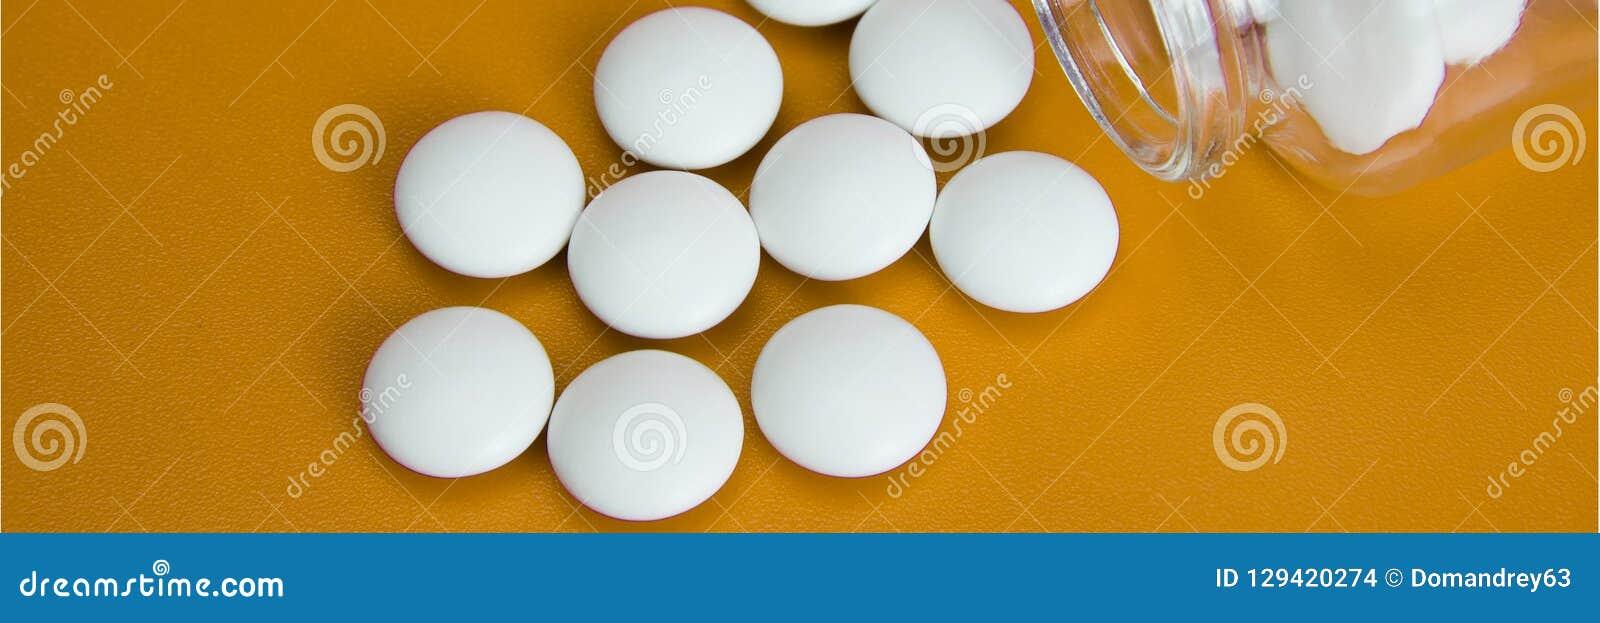 De witte tabletten zijn verspreid van een glasfles